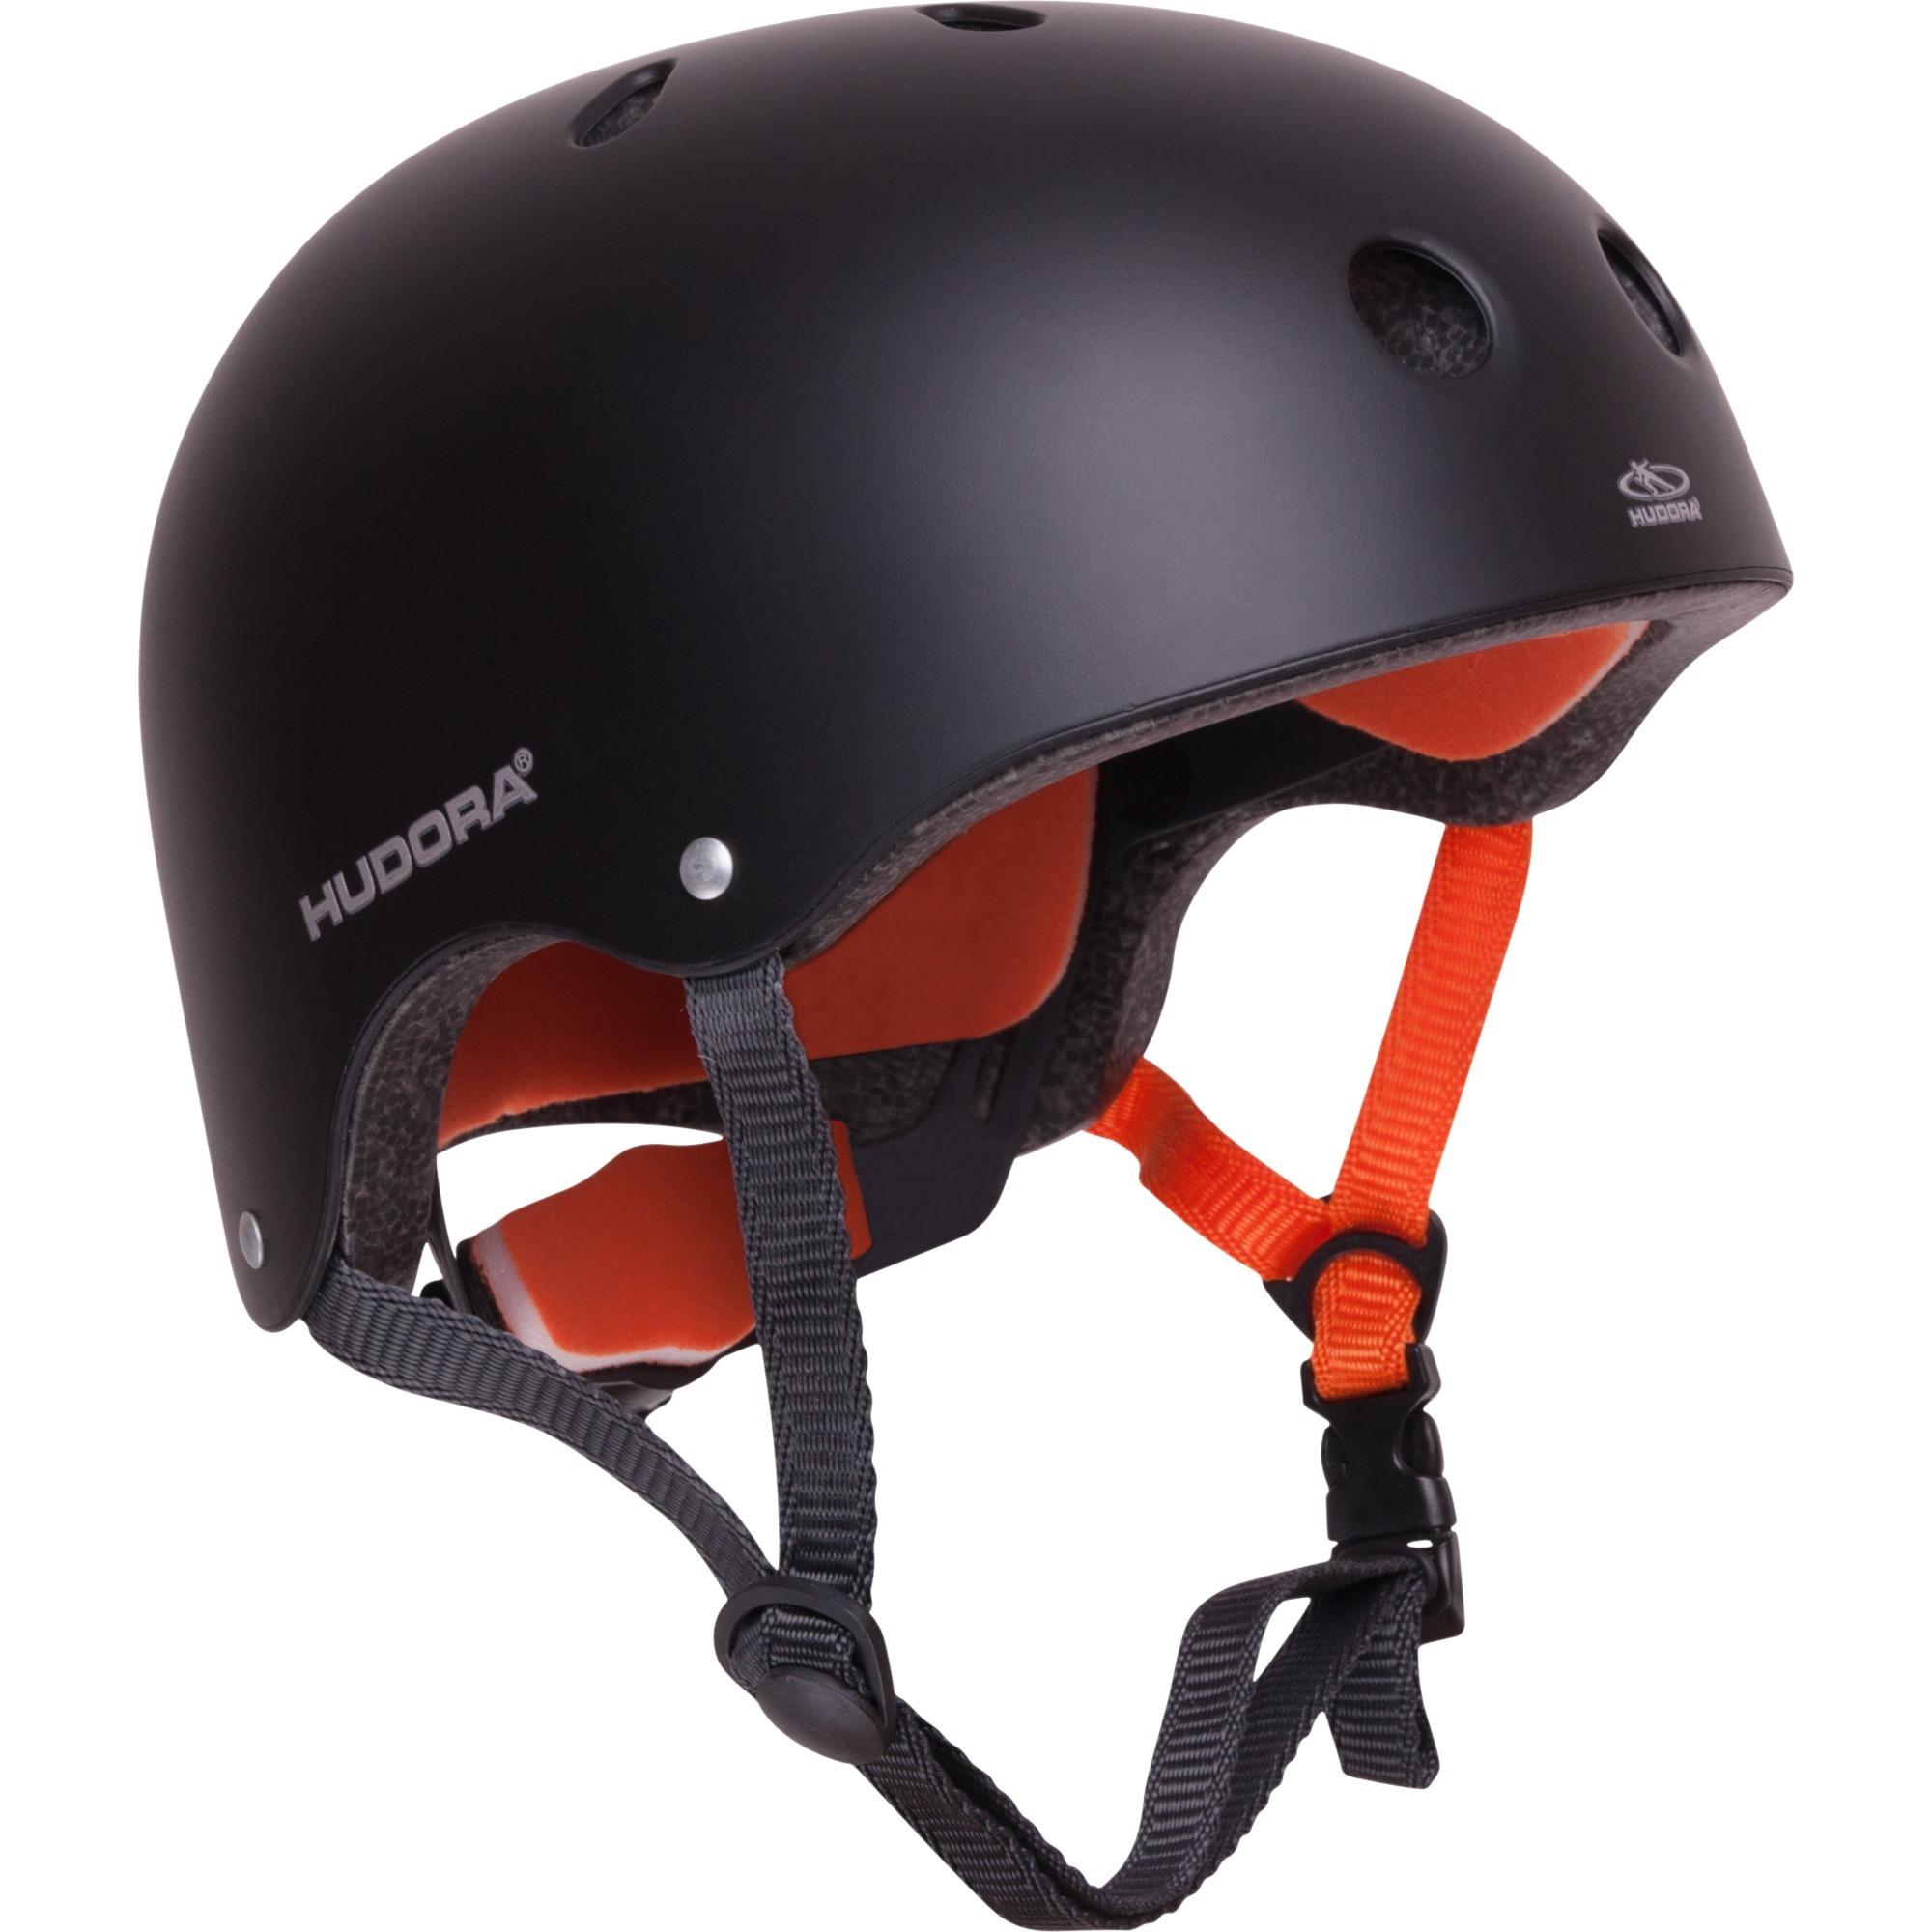 84104 casco de protección para deporte Skateboarding Negro, Naranja Casco abierto